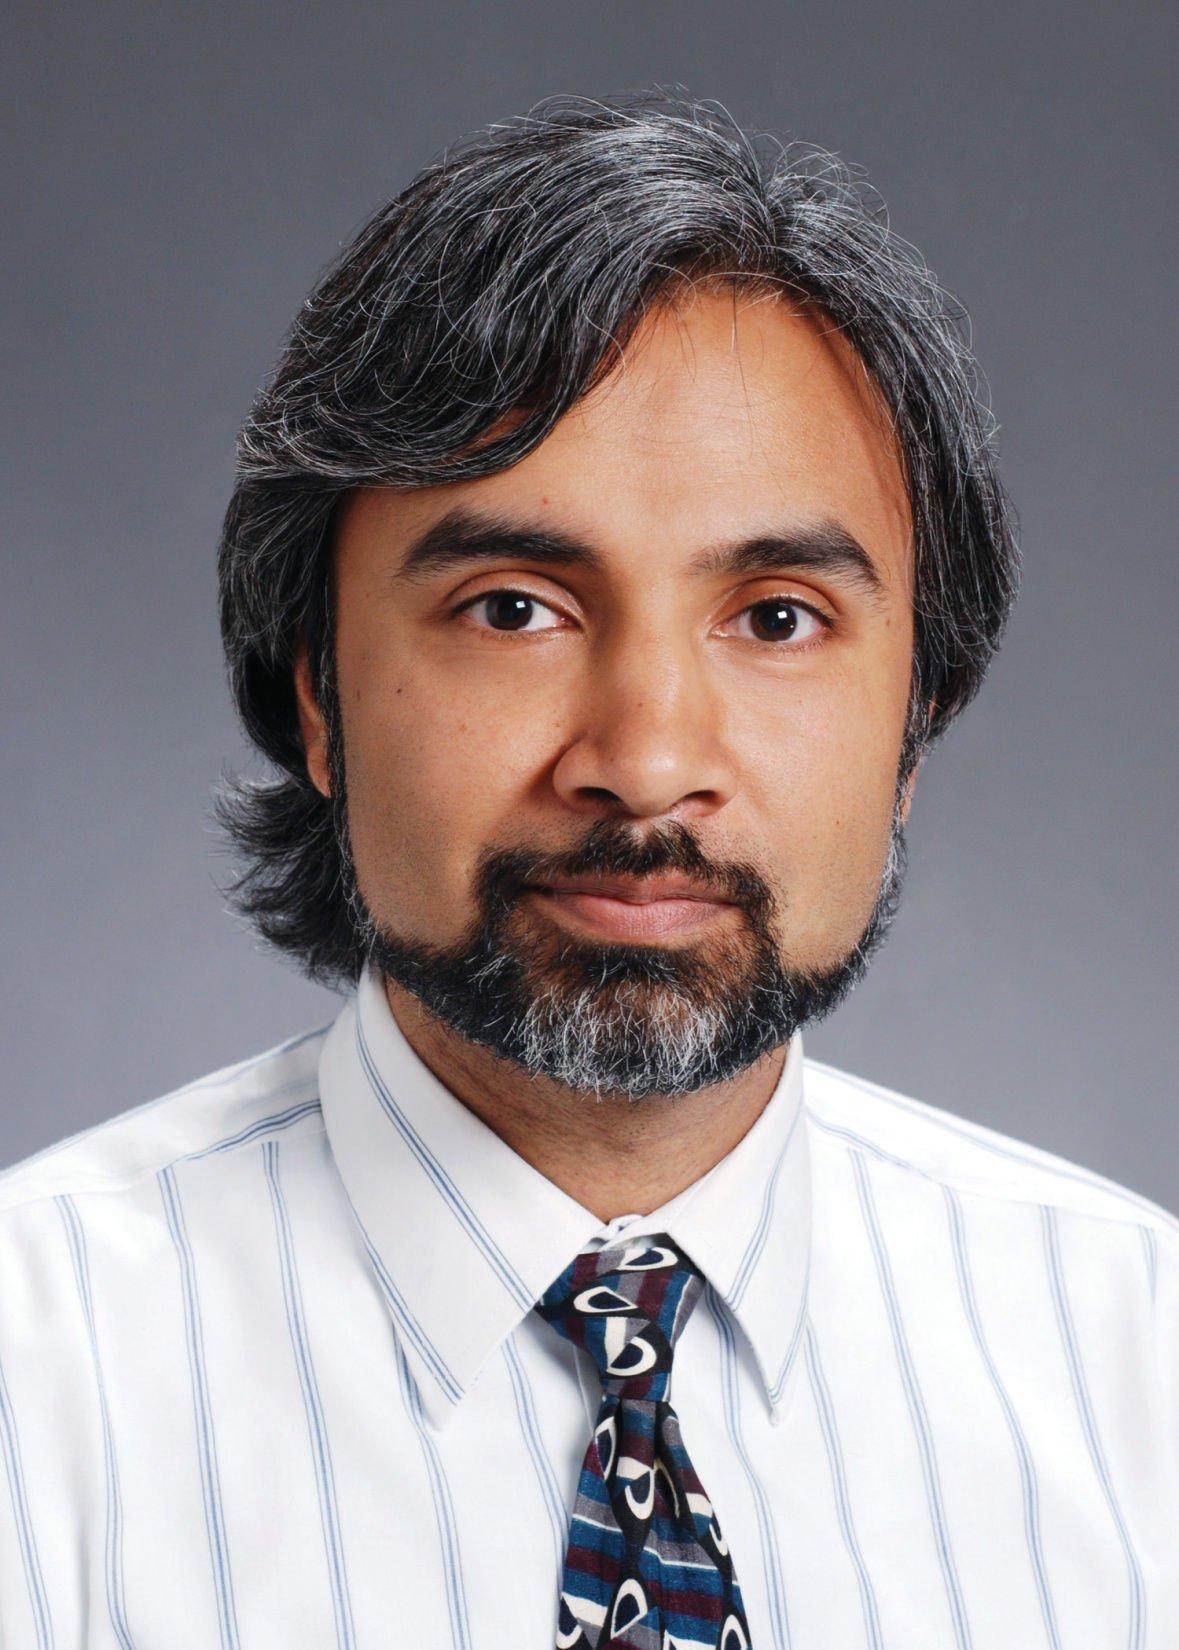 Anoop Singh MD 1008.jpg